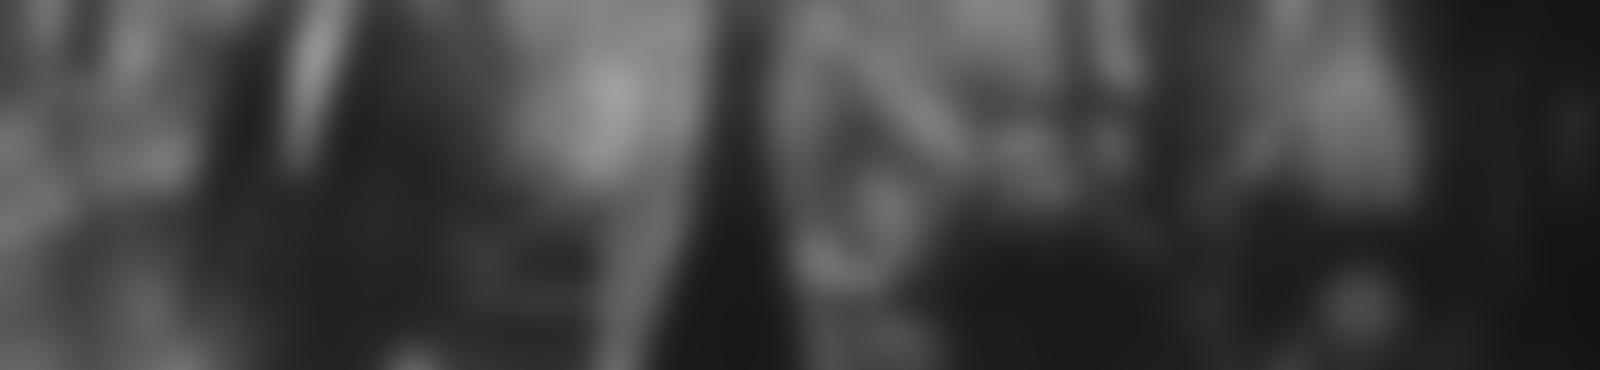 Blurred 817a41e8 39d2 4f5e 9ee7 581d96227a8a